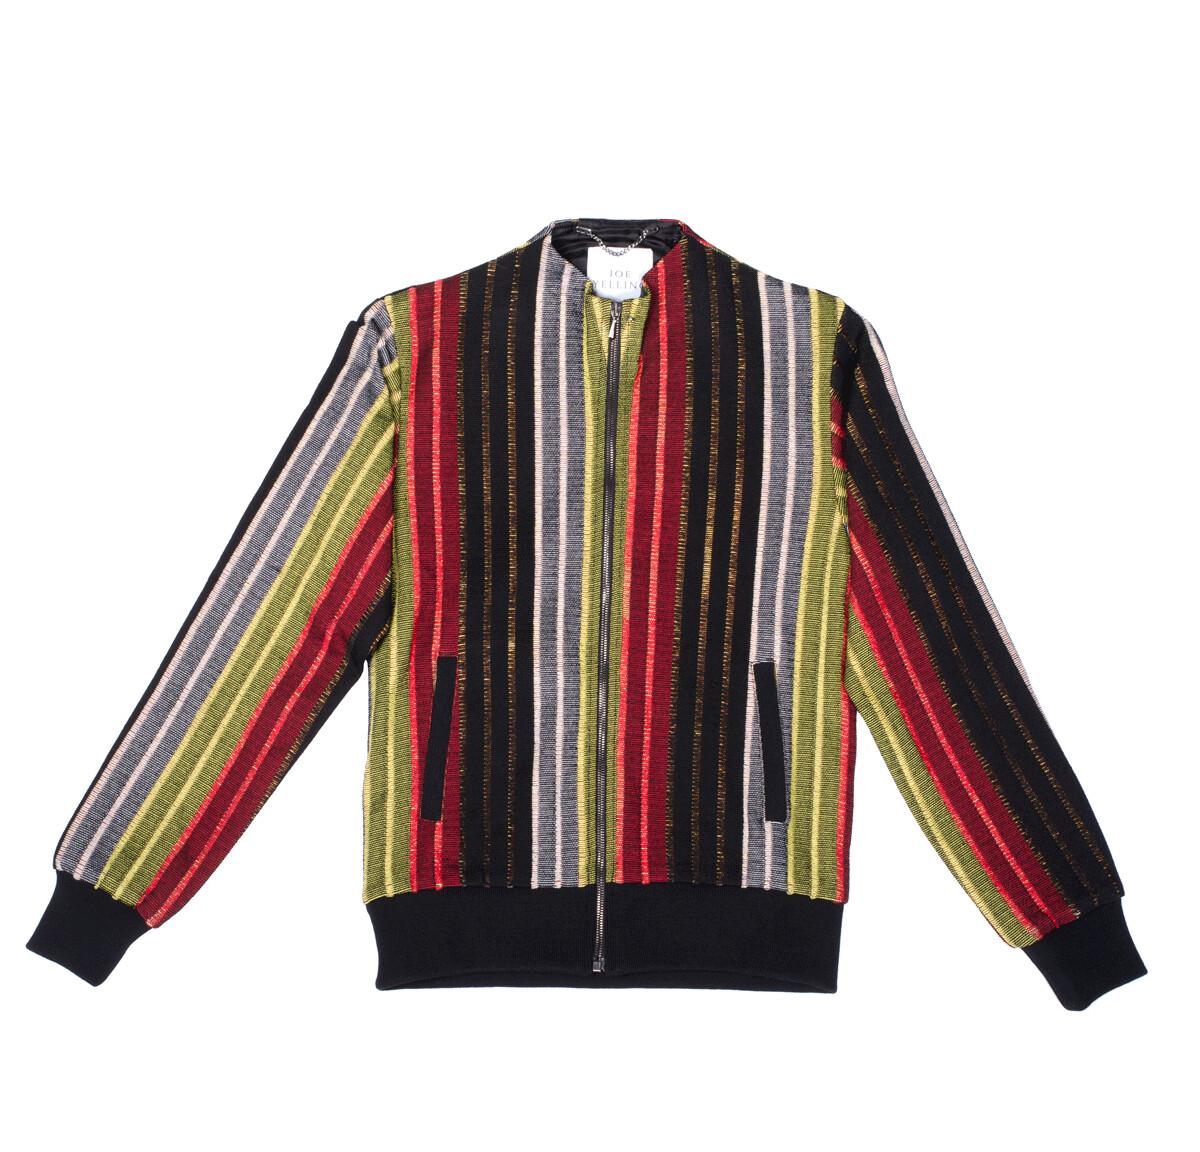 RADICAL RED (Jacket)